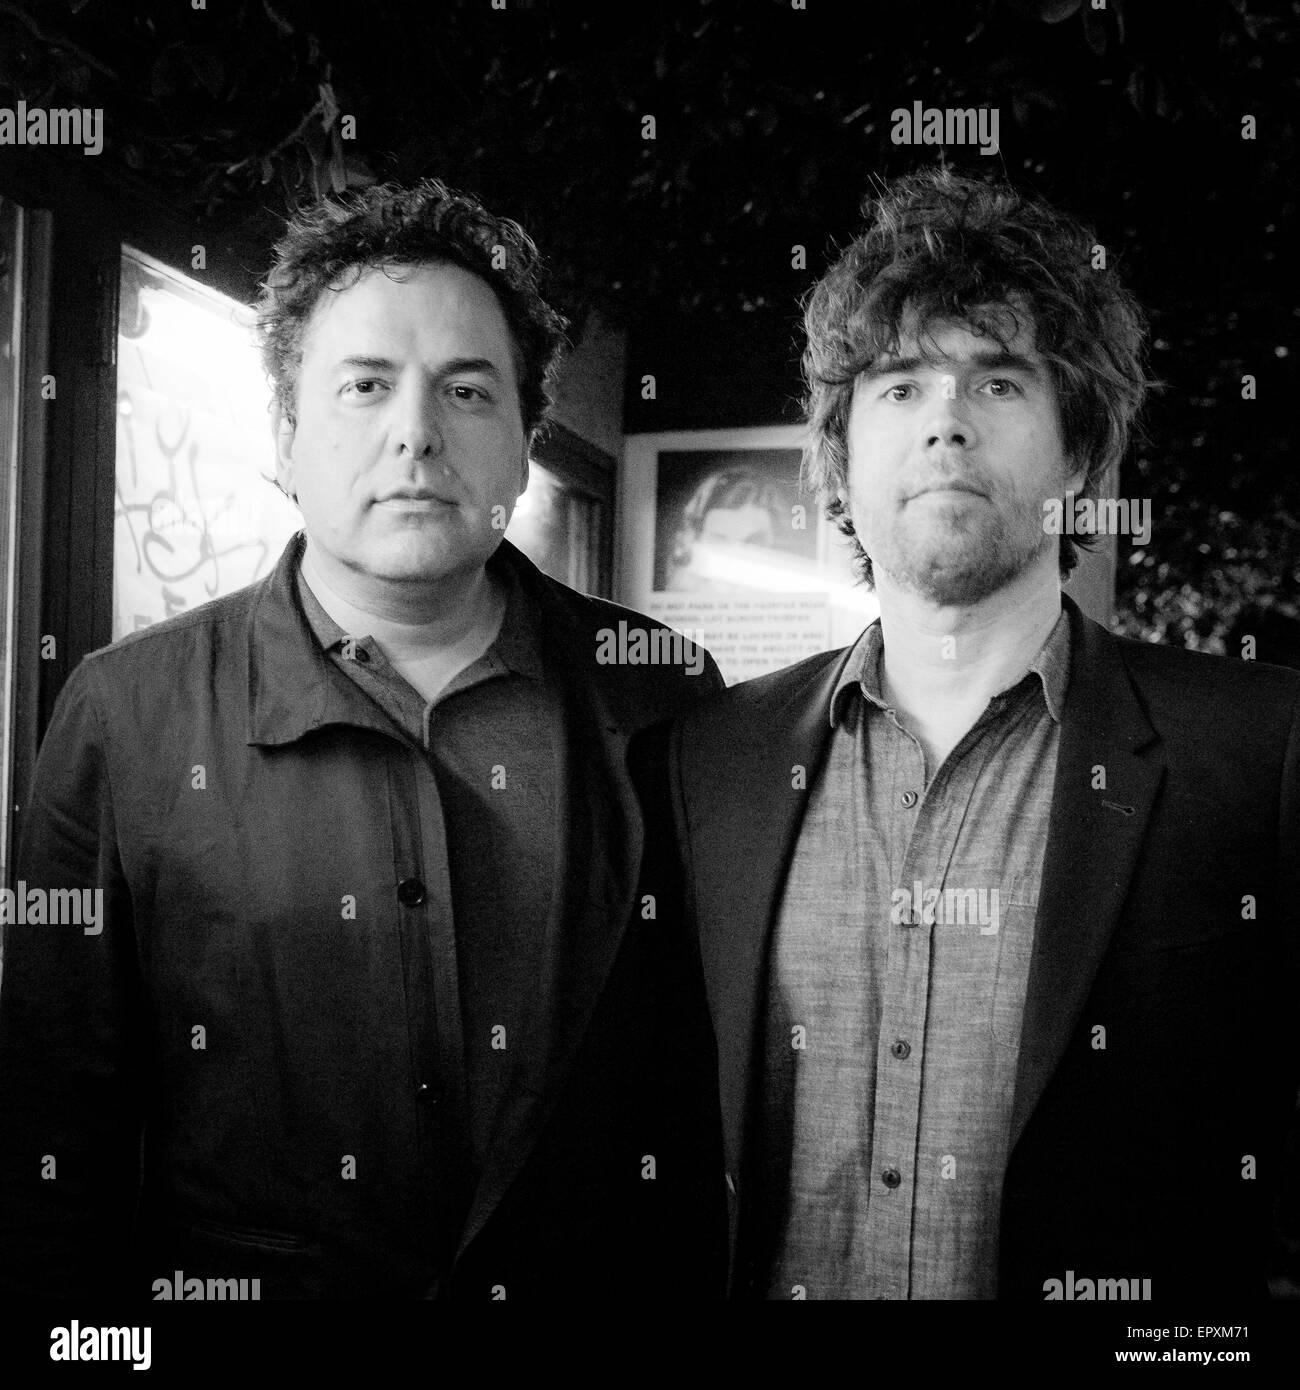 Tom Scharpling e Jon Wurster in Silent Movie Theatre di Los Angeles in California nel marzo 2015. Foto Stock